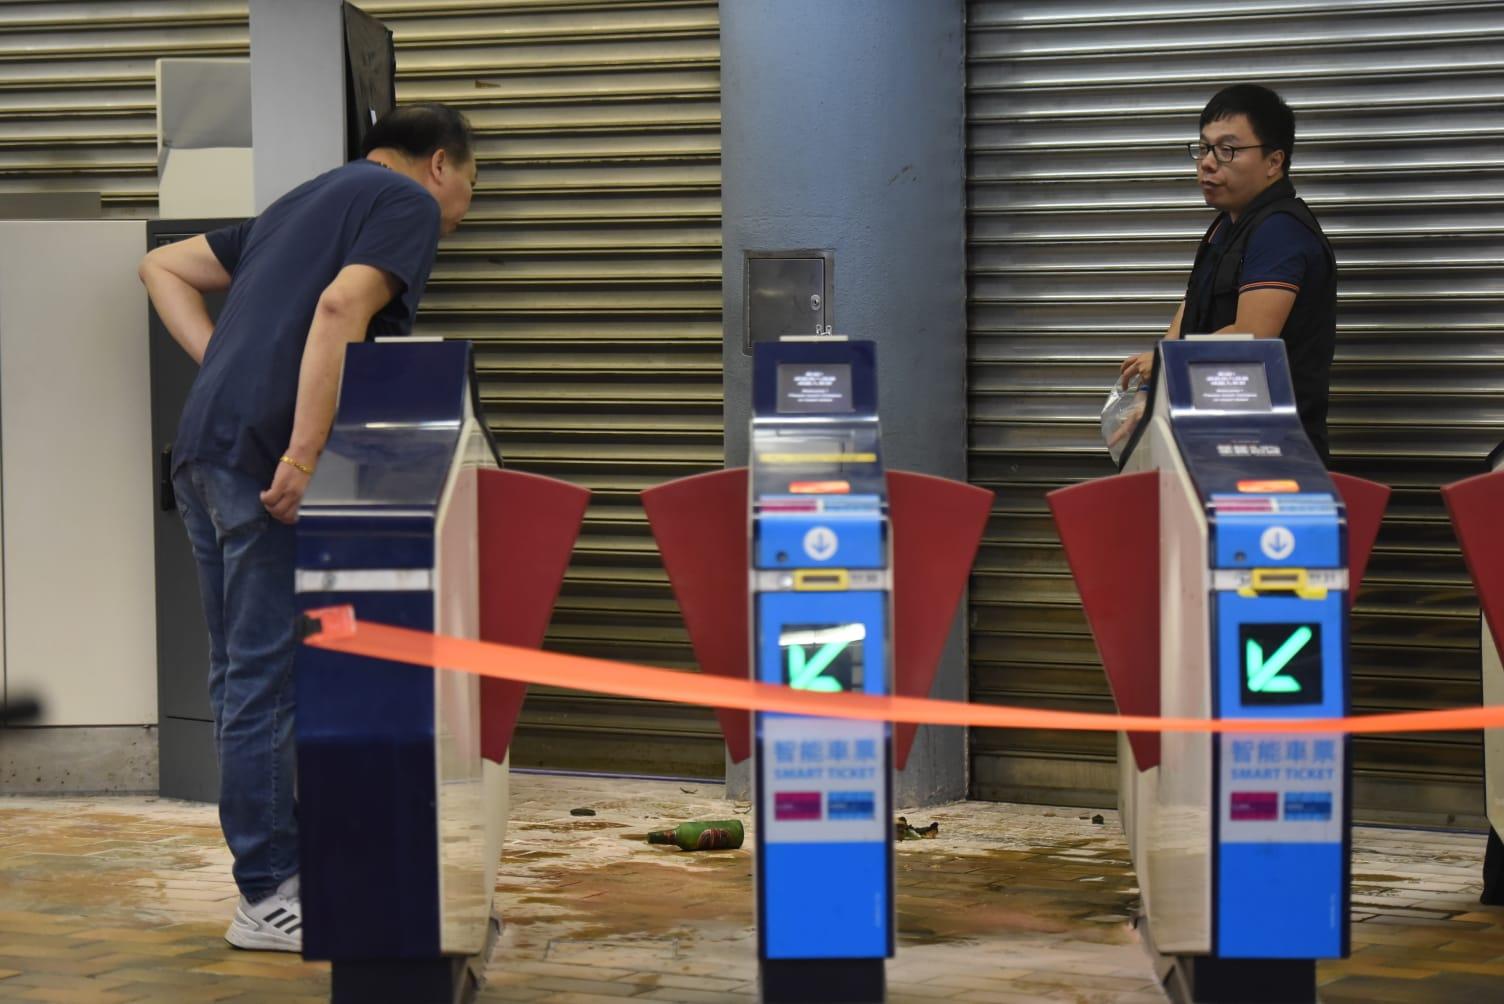 九龍塘站G1出入口被投擲汽油彈。